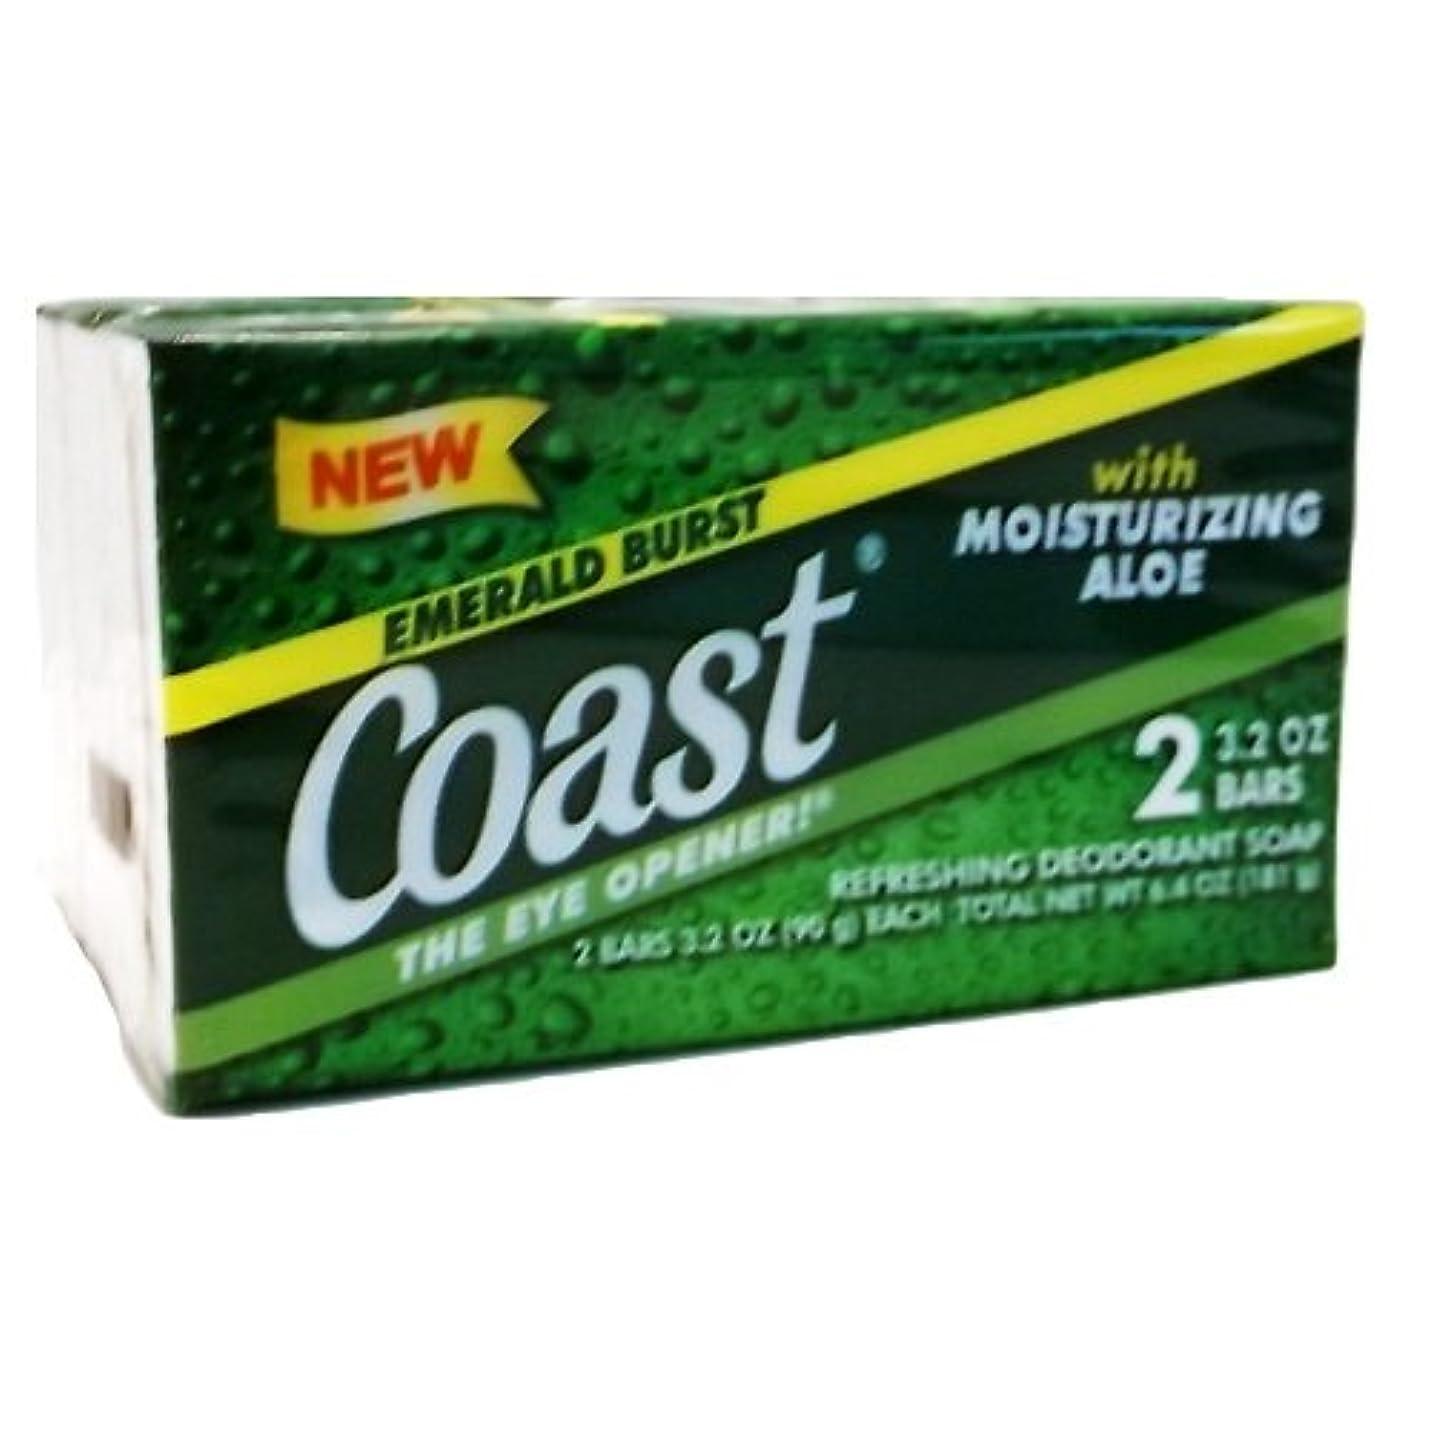 負担試みグローコースト(Coast) 石けんエメラルドバースト2個入り×24パック(48個)